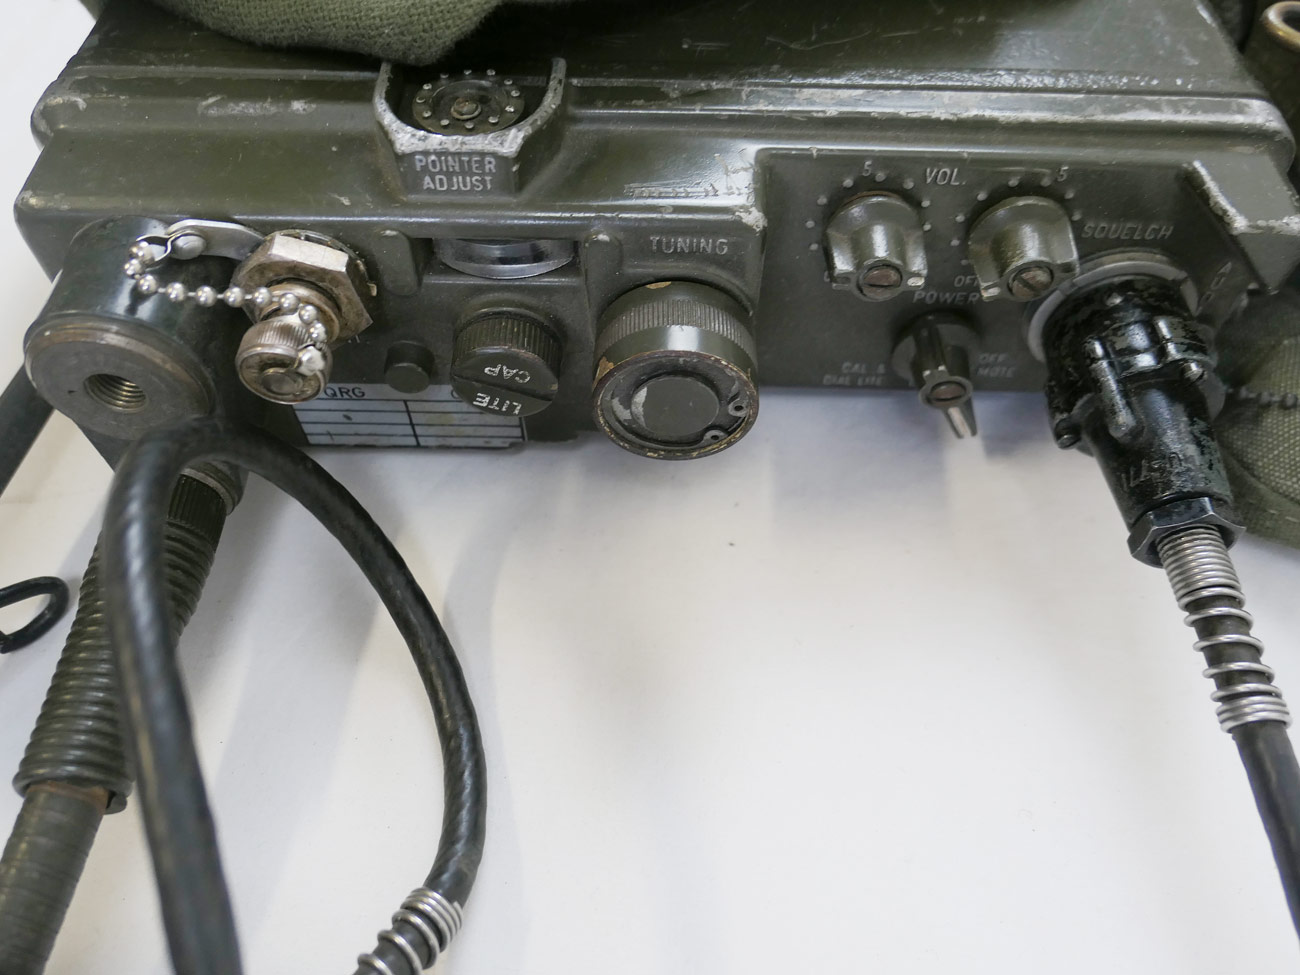 Us Army Funkgert Vietnam Radio Receiver Prc 10 Zubehr Willys Jeep Electrical Wiring